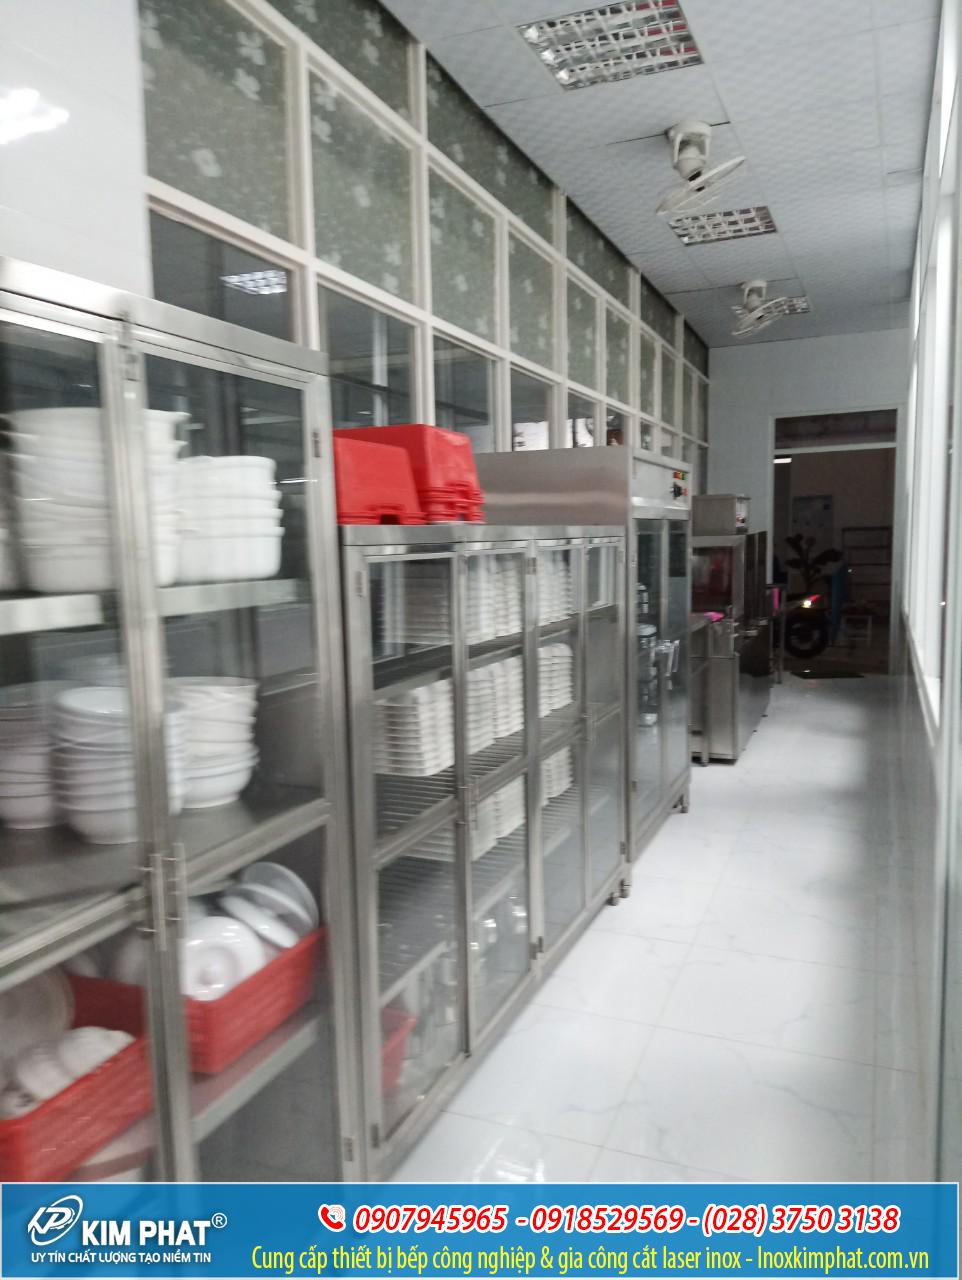 Khu lưu trữ , để dụng cụ chén bát và vật dụng cụ nhà bếp